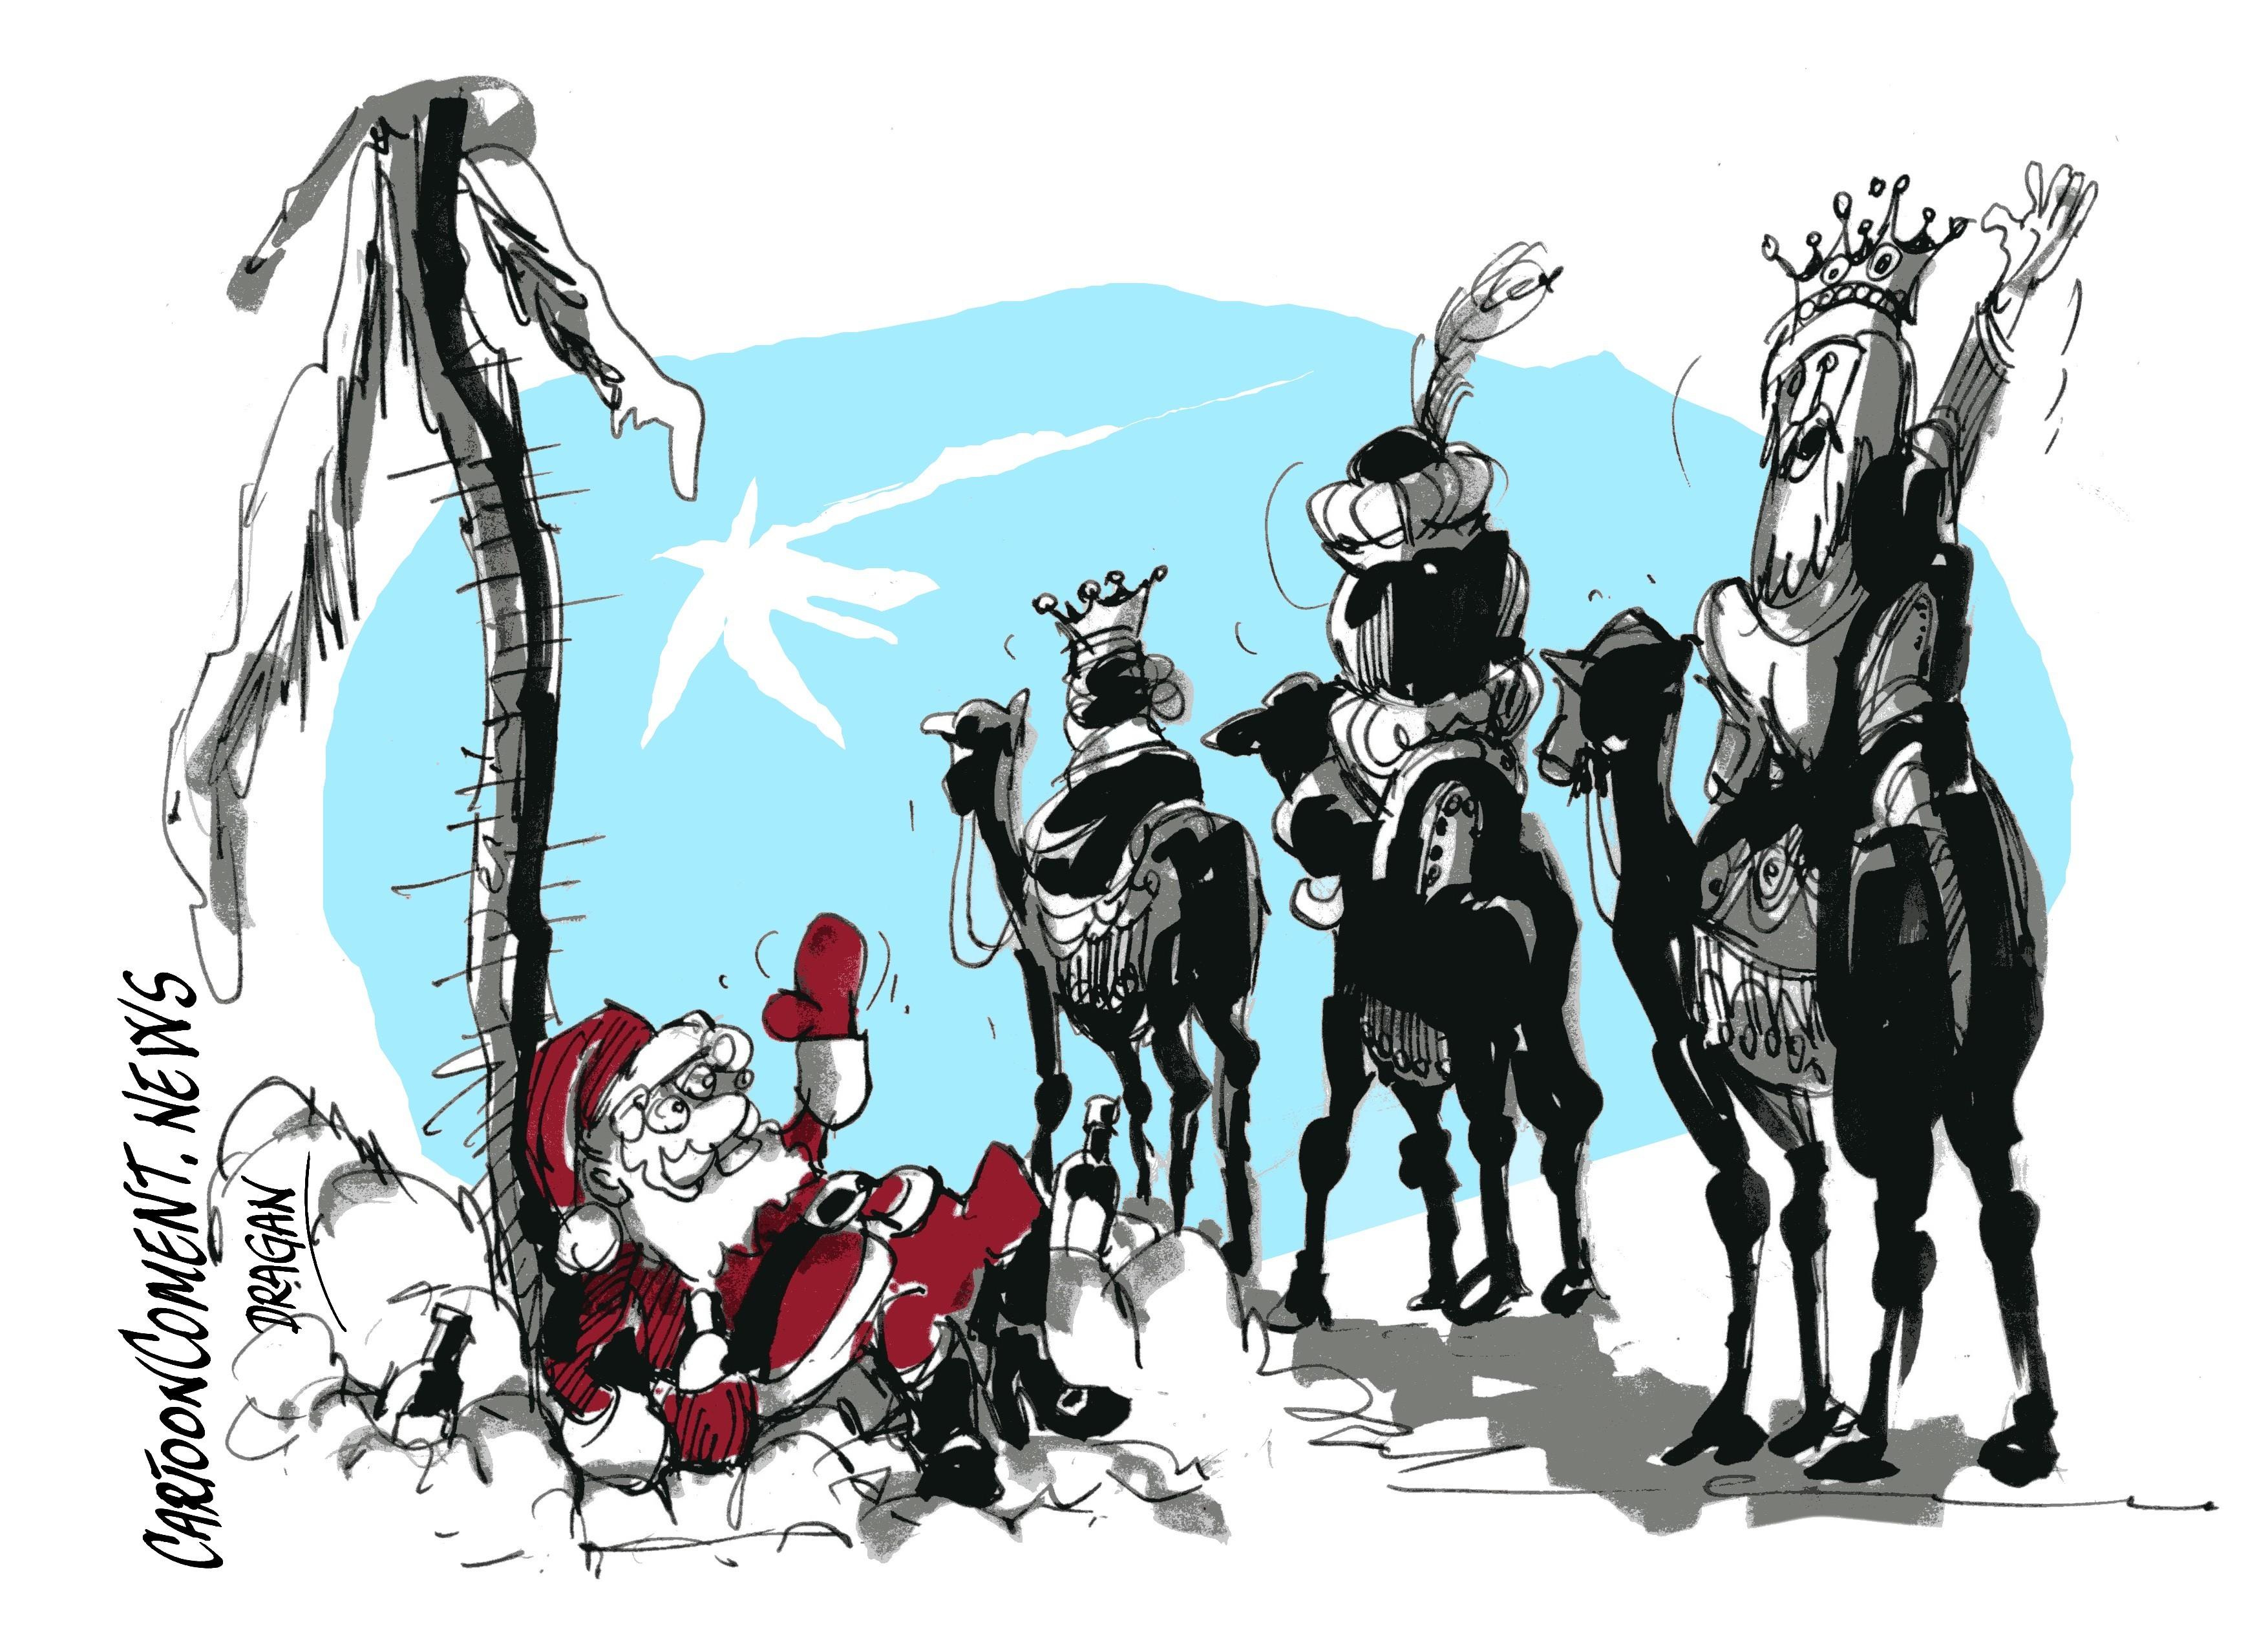 Fotos Papa Noel Reyes Magos.Los Reyes Magos Toman El Relevo Cartooncoment News